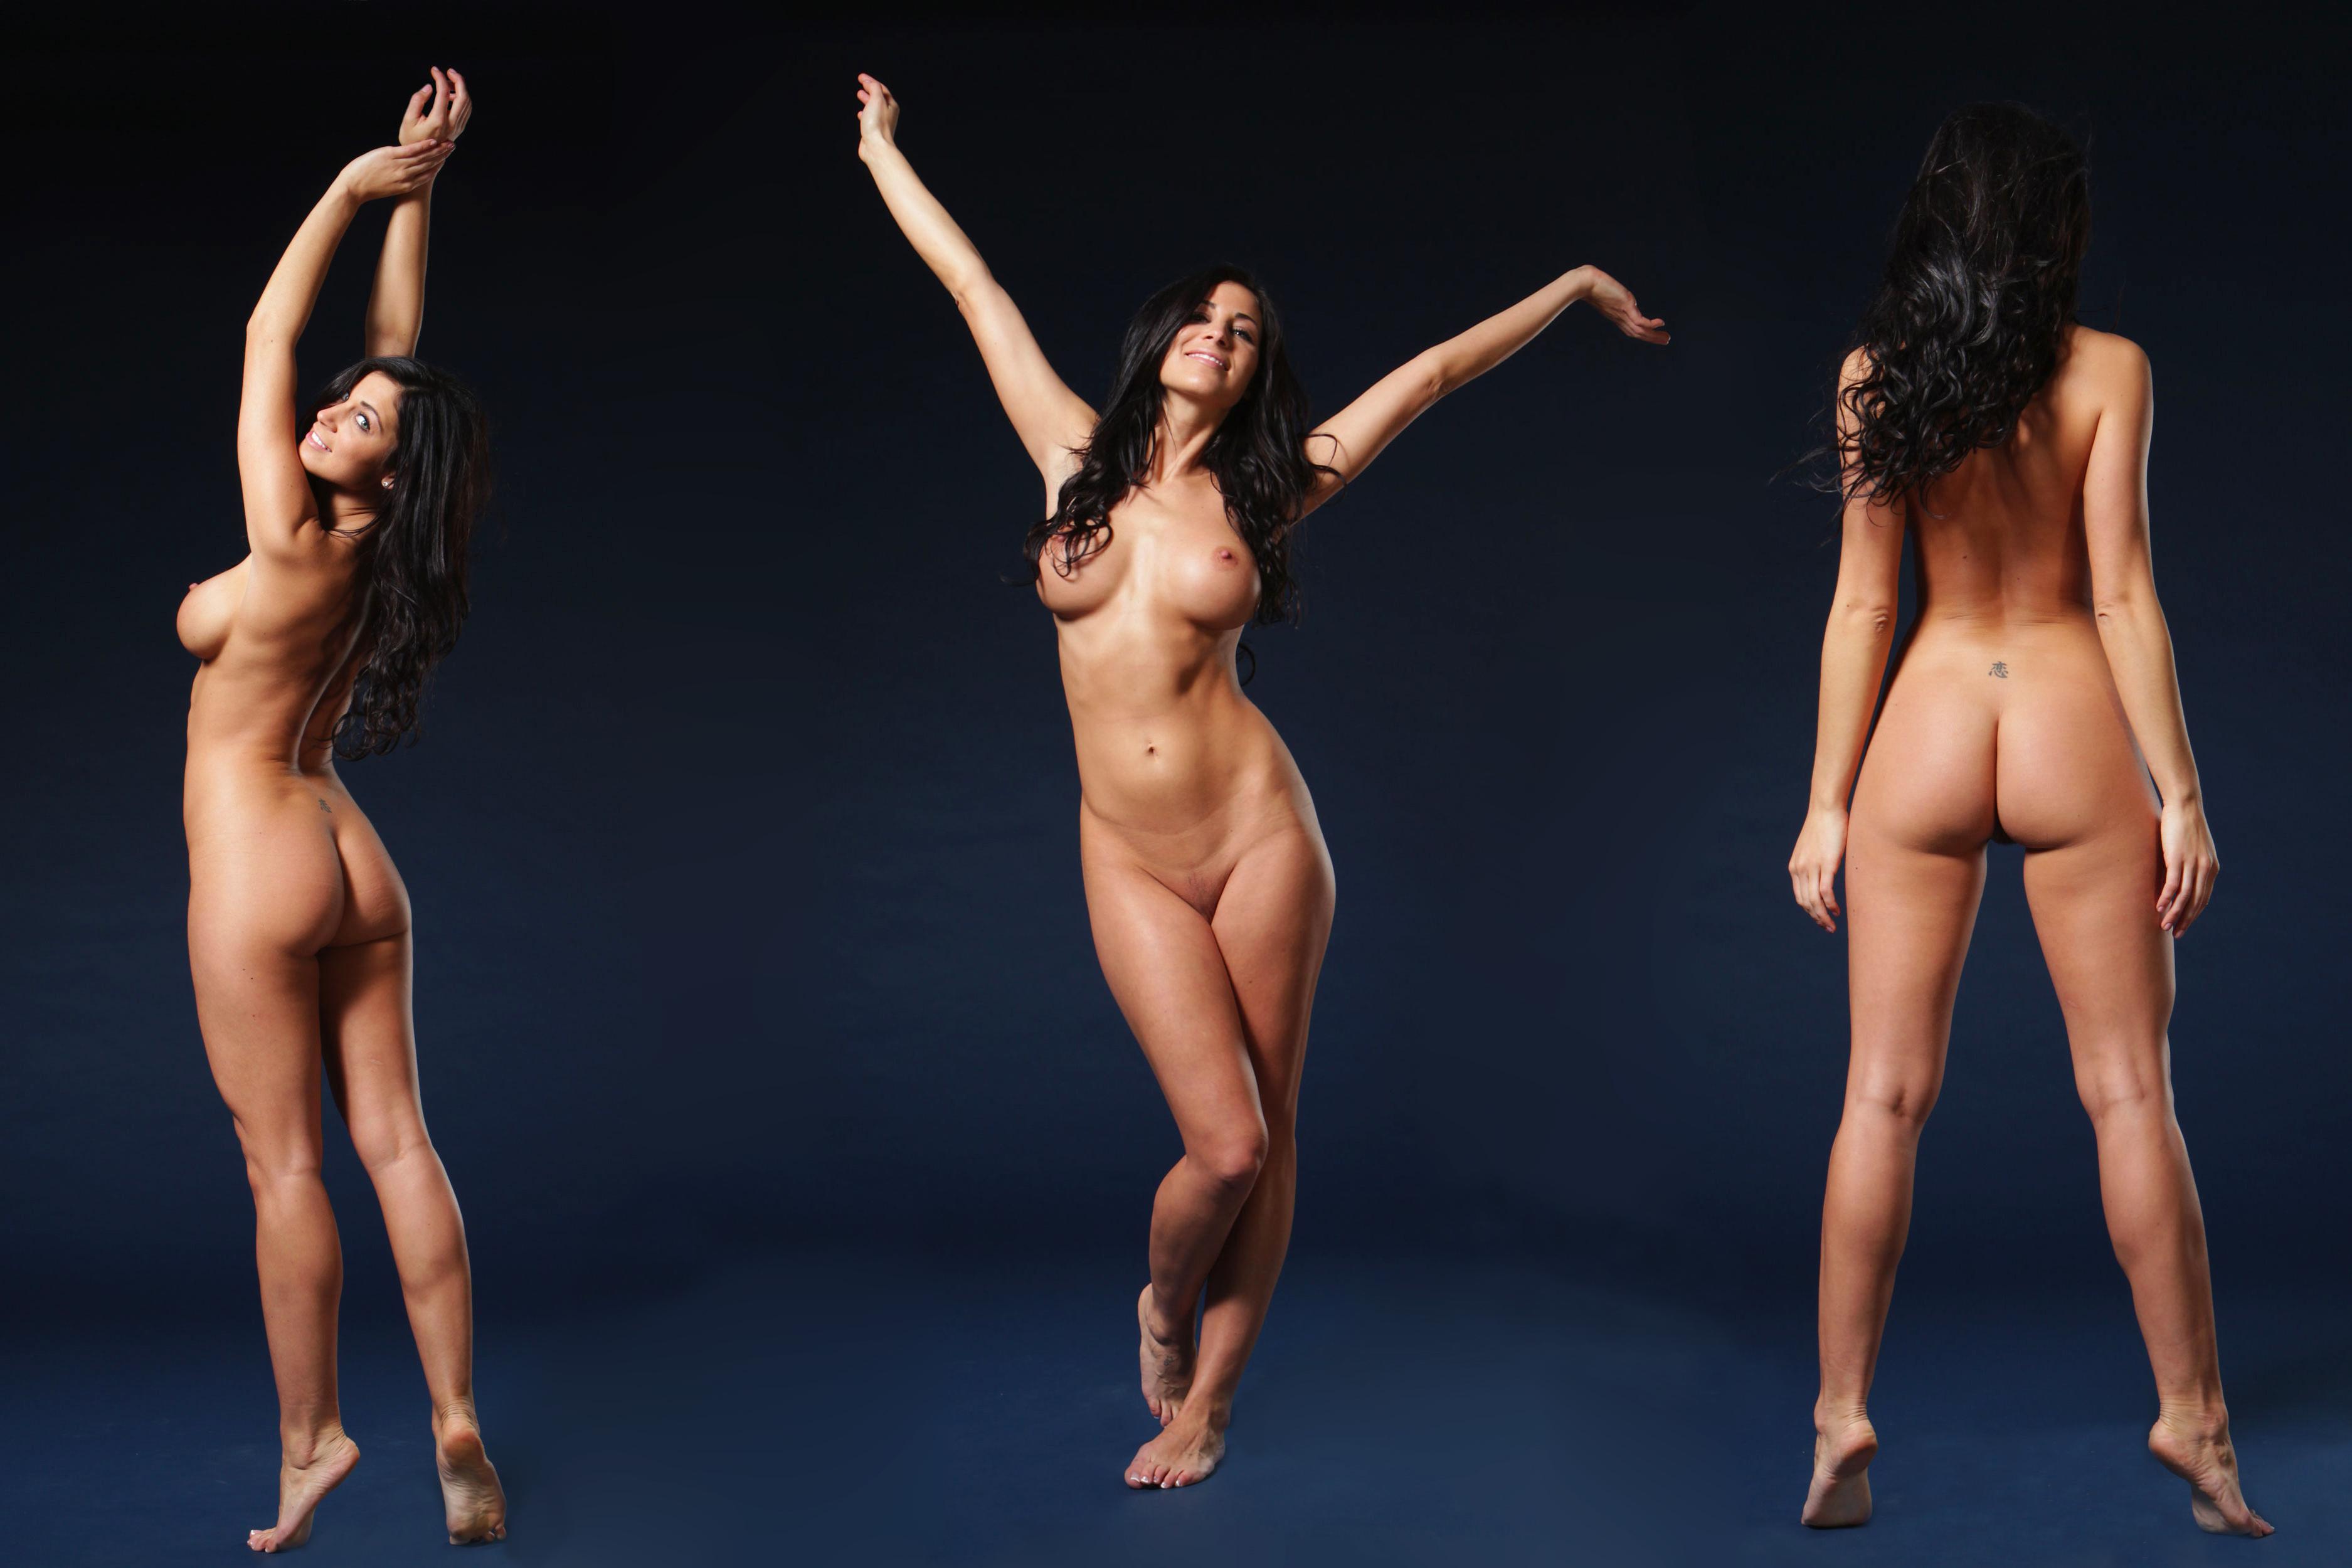 Танец обнаженной попы смотреть #4